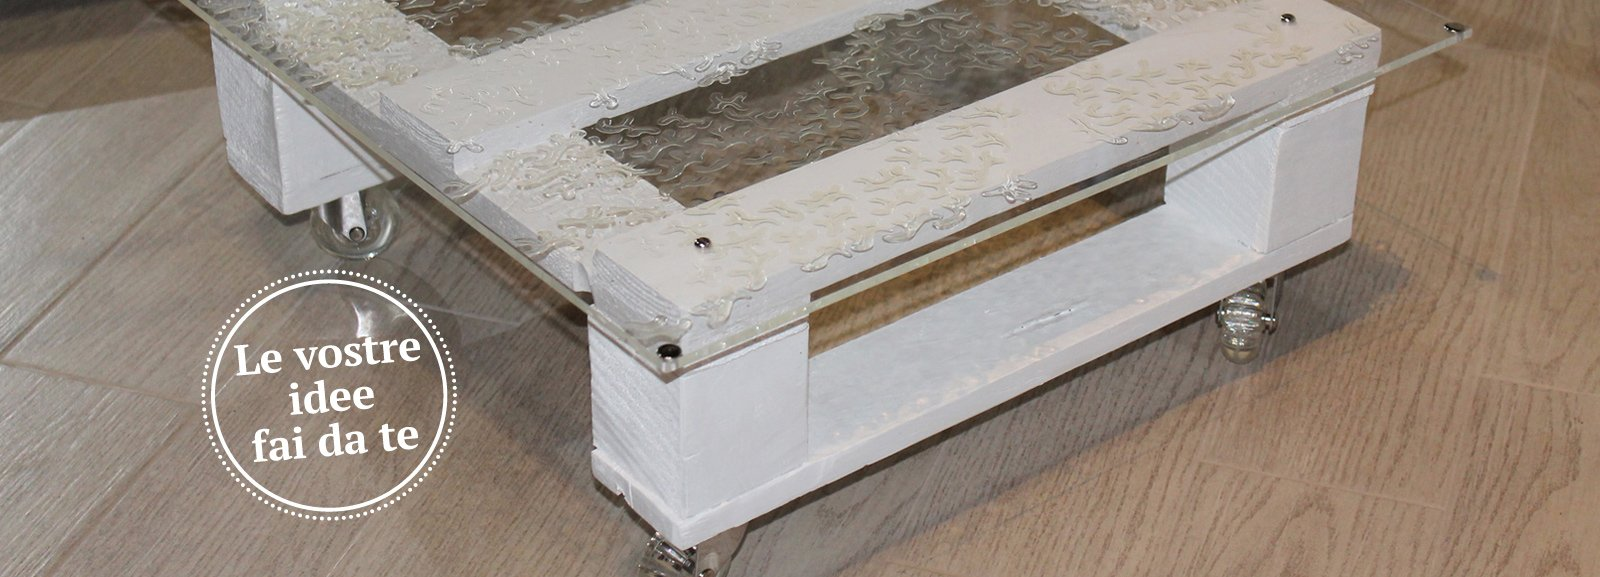 Tavolini in legno di riciclo su ruote cose di casa for Tavolini in legno